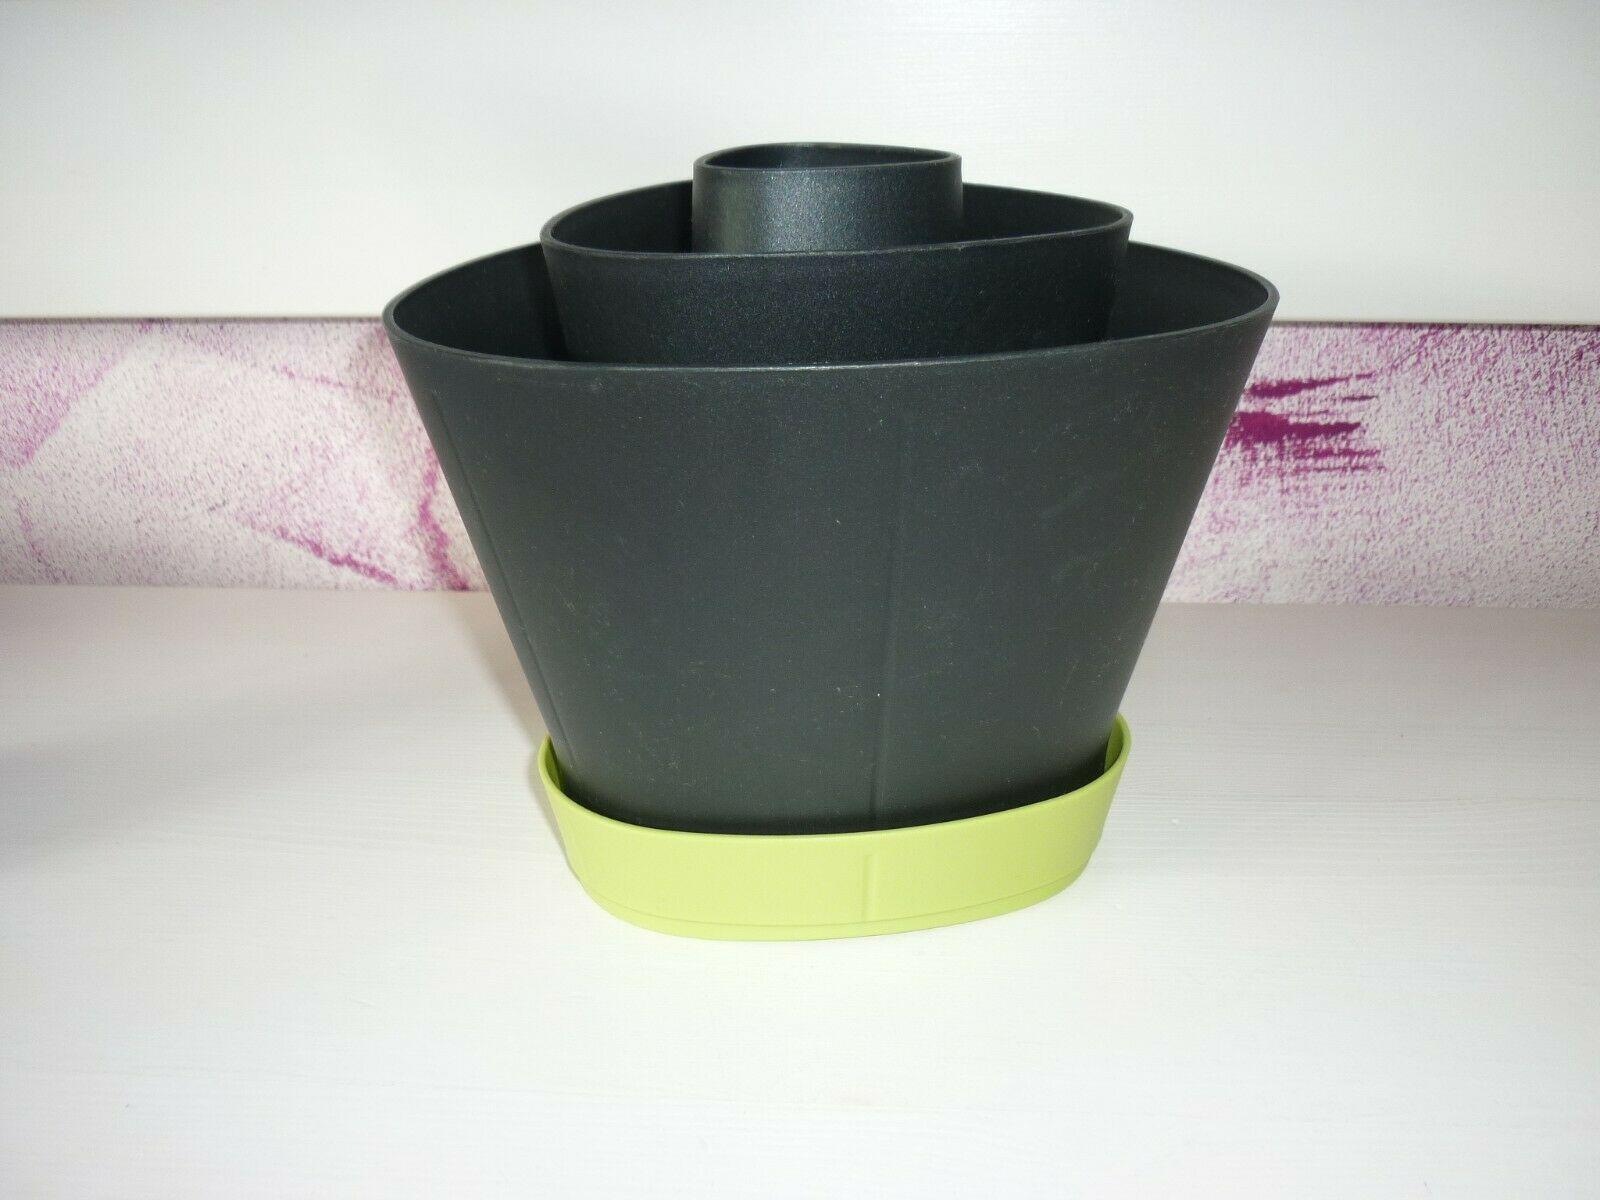 Full Size of Tupperware Grifffigriffbereit Stnder Aufbewahrung Betten Mit Aufbewahrungsbox Garten Aufbewahrungssystem Küche Aufbewahrungsbehälter Bett Wohnzimmer Aufbewahrung Küchenutensilien